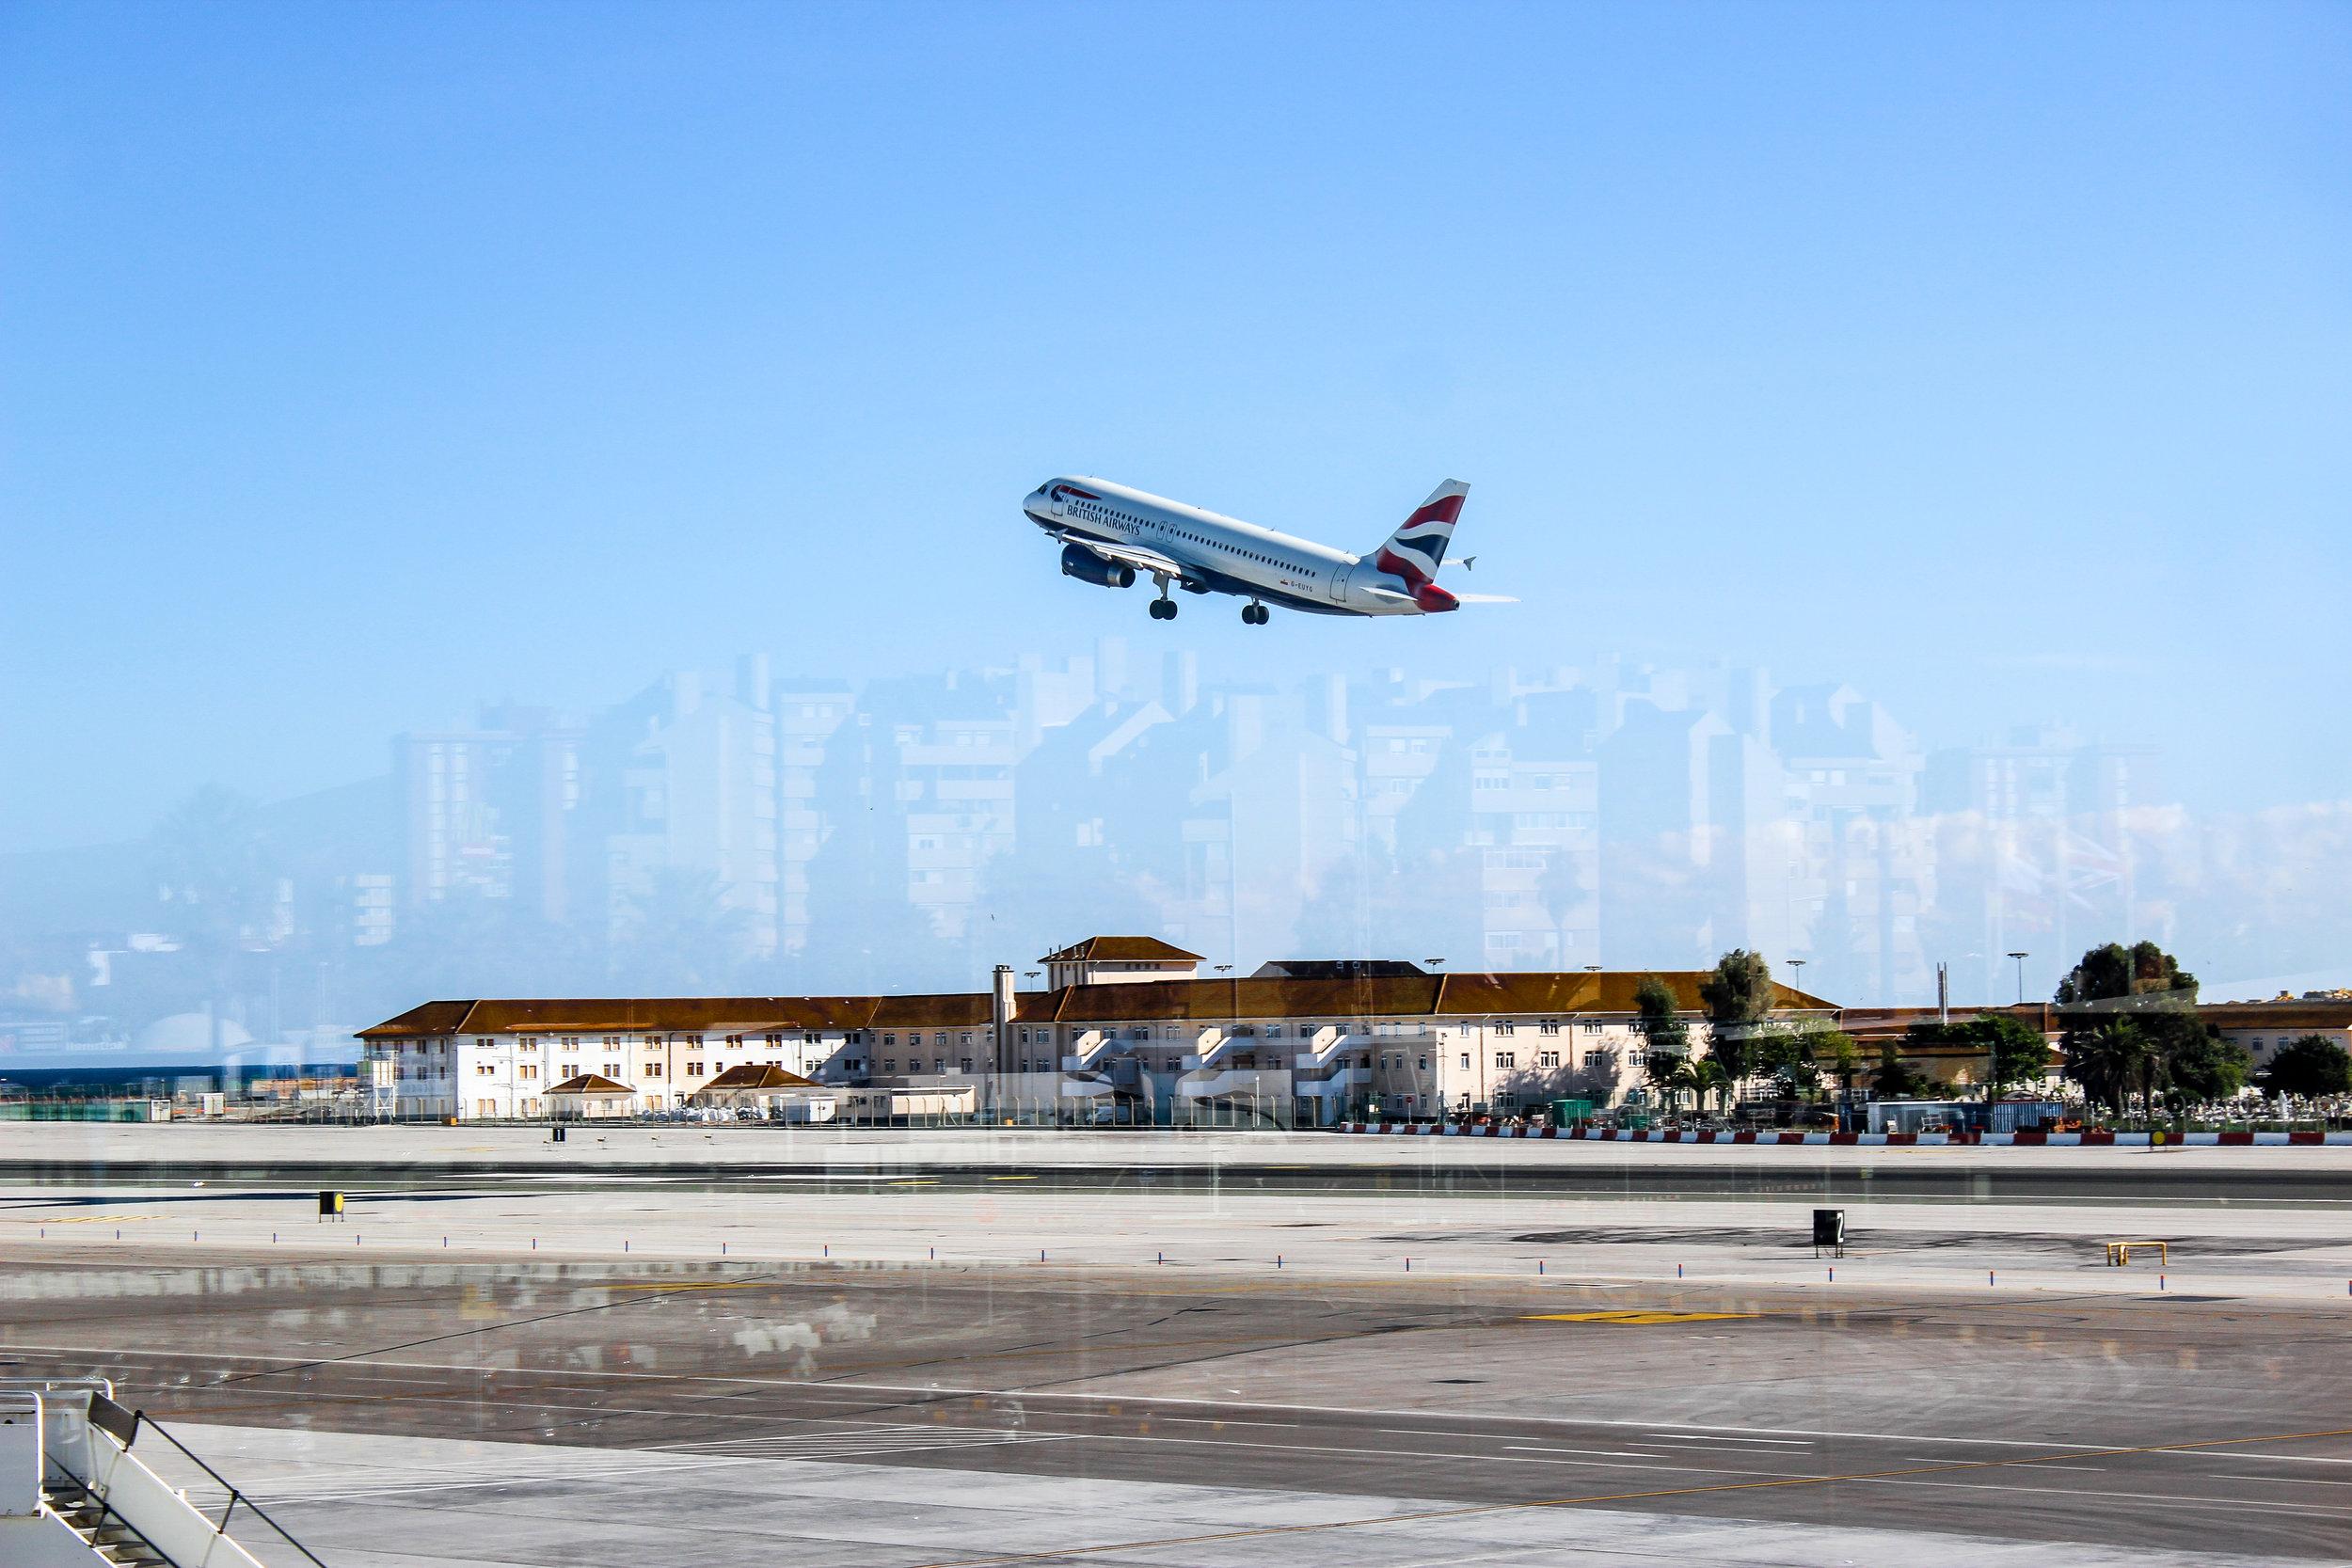 British Airways, Gibraltar International Airport, Gibraltar, British Overseas Territory, Europe | www.DoLessGetMoreDone.com |